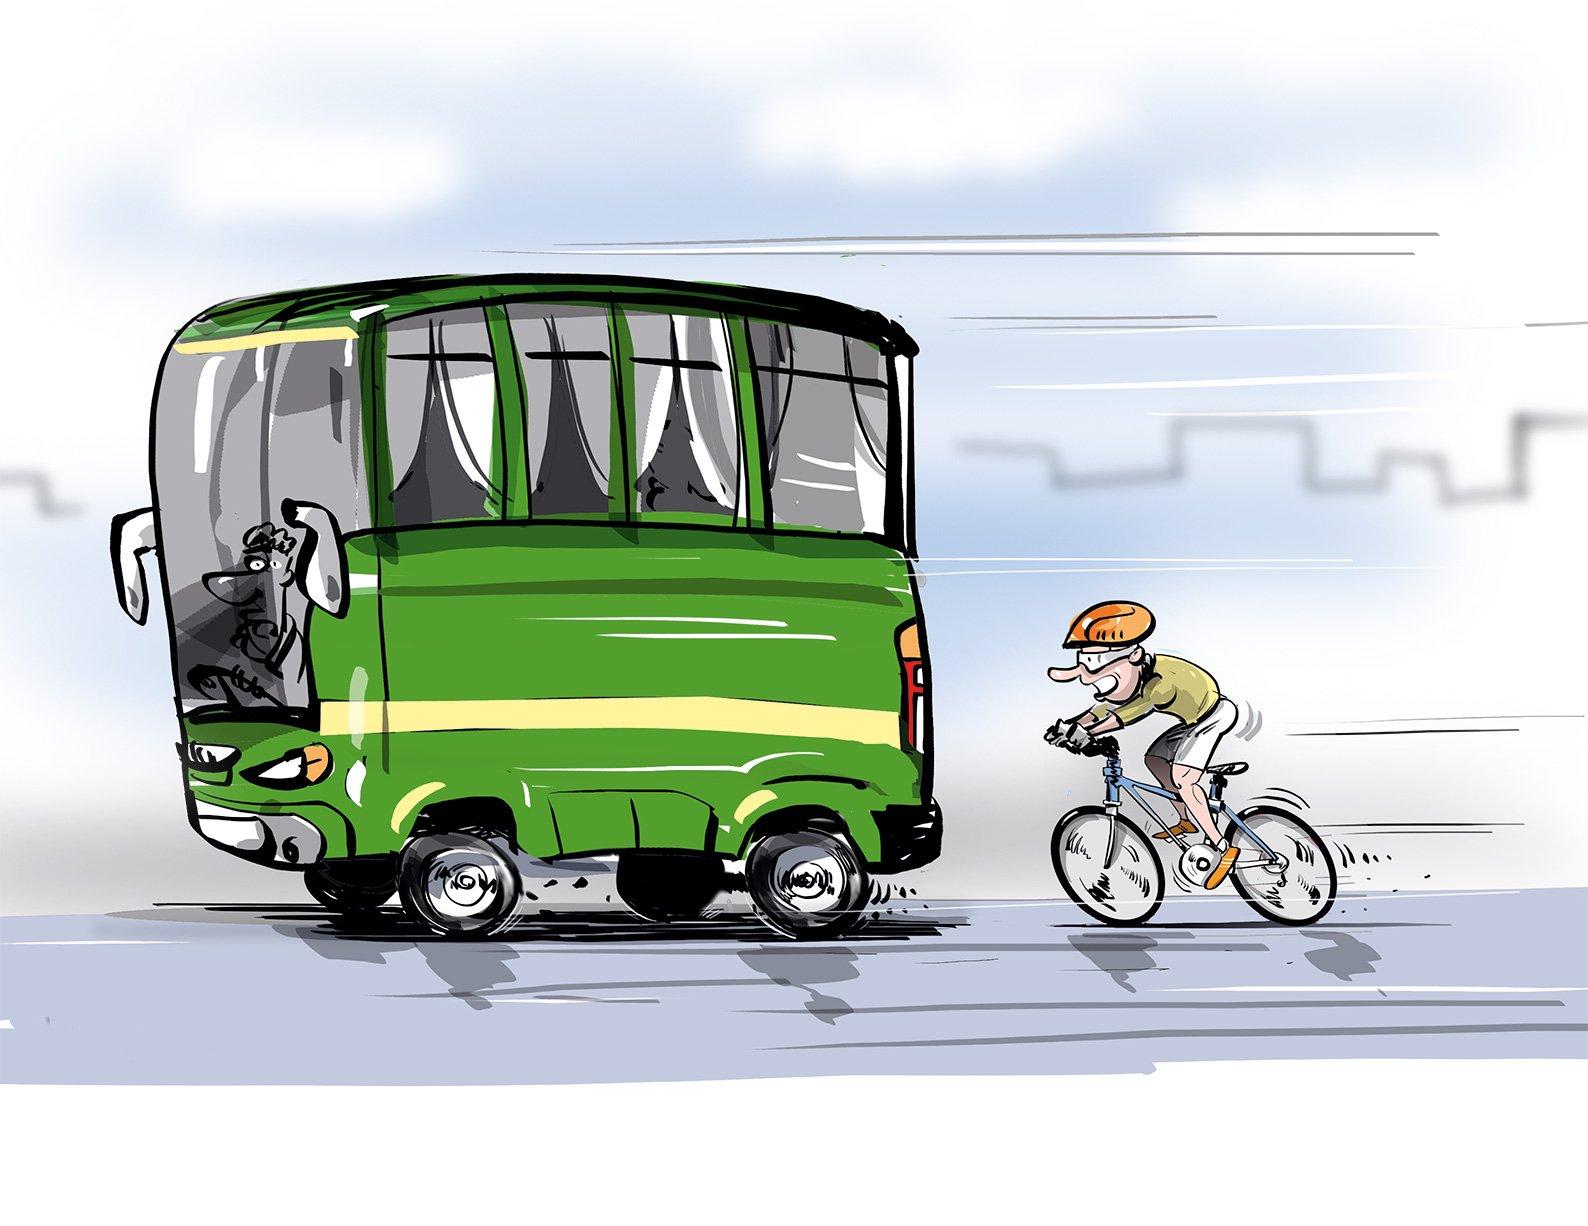 Истории про то, как велосипедист гнался за автобусом и ленивого гаишника